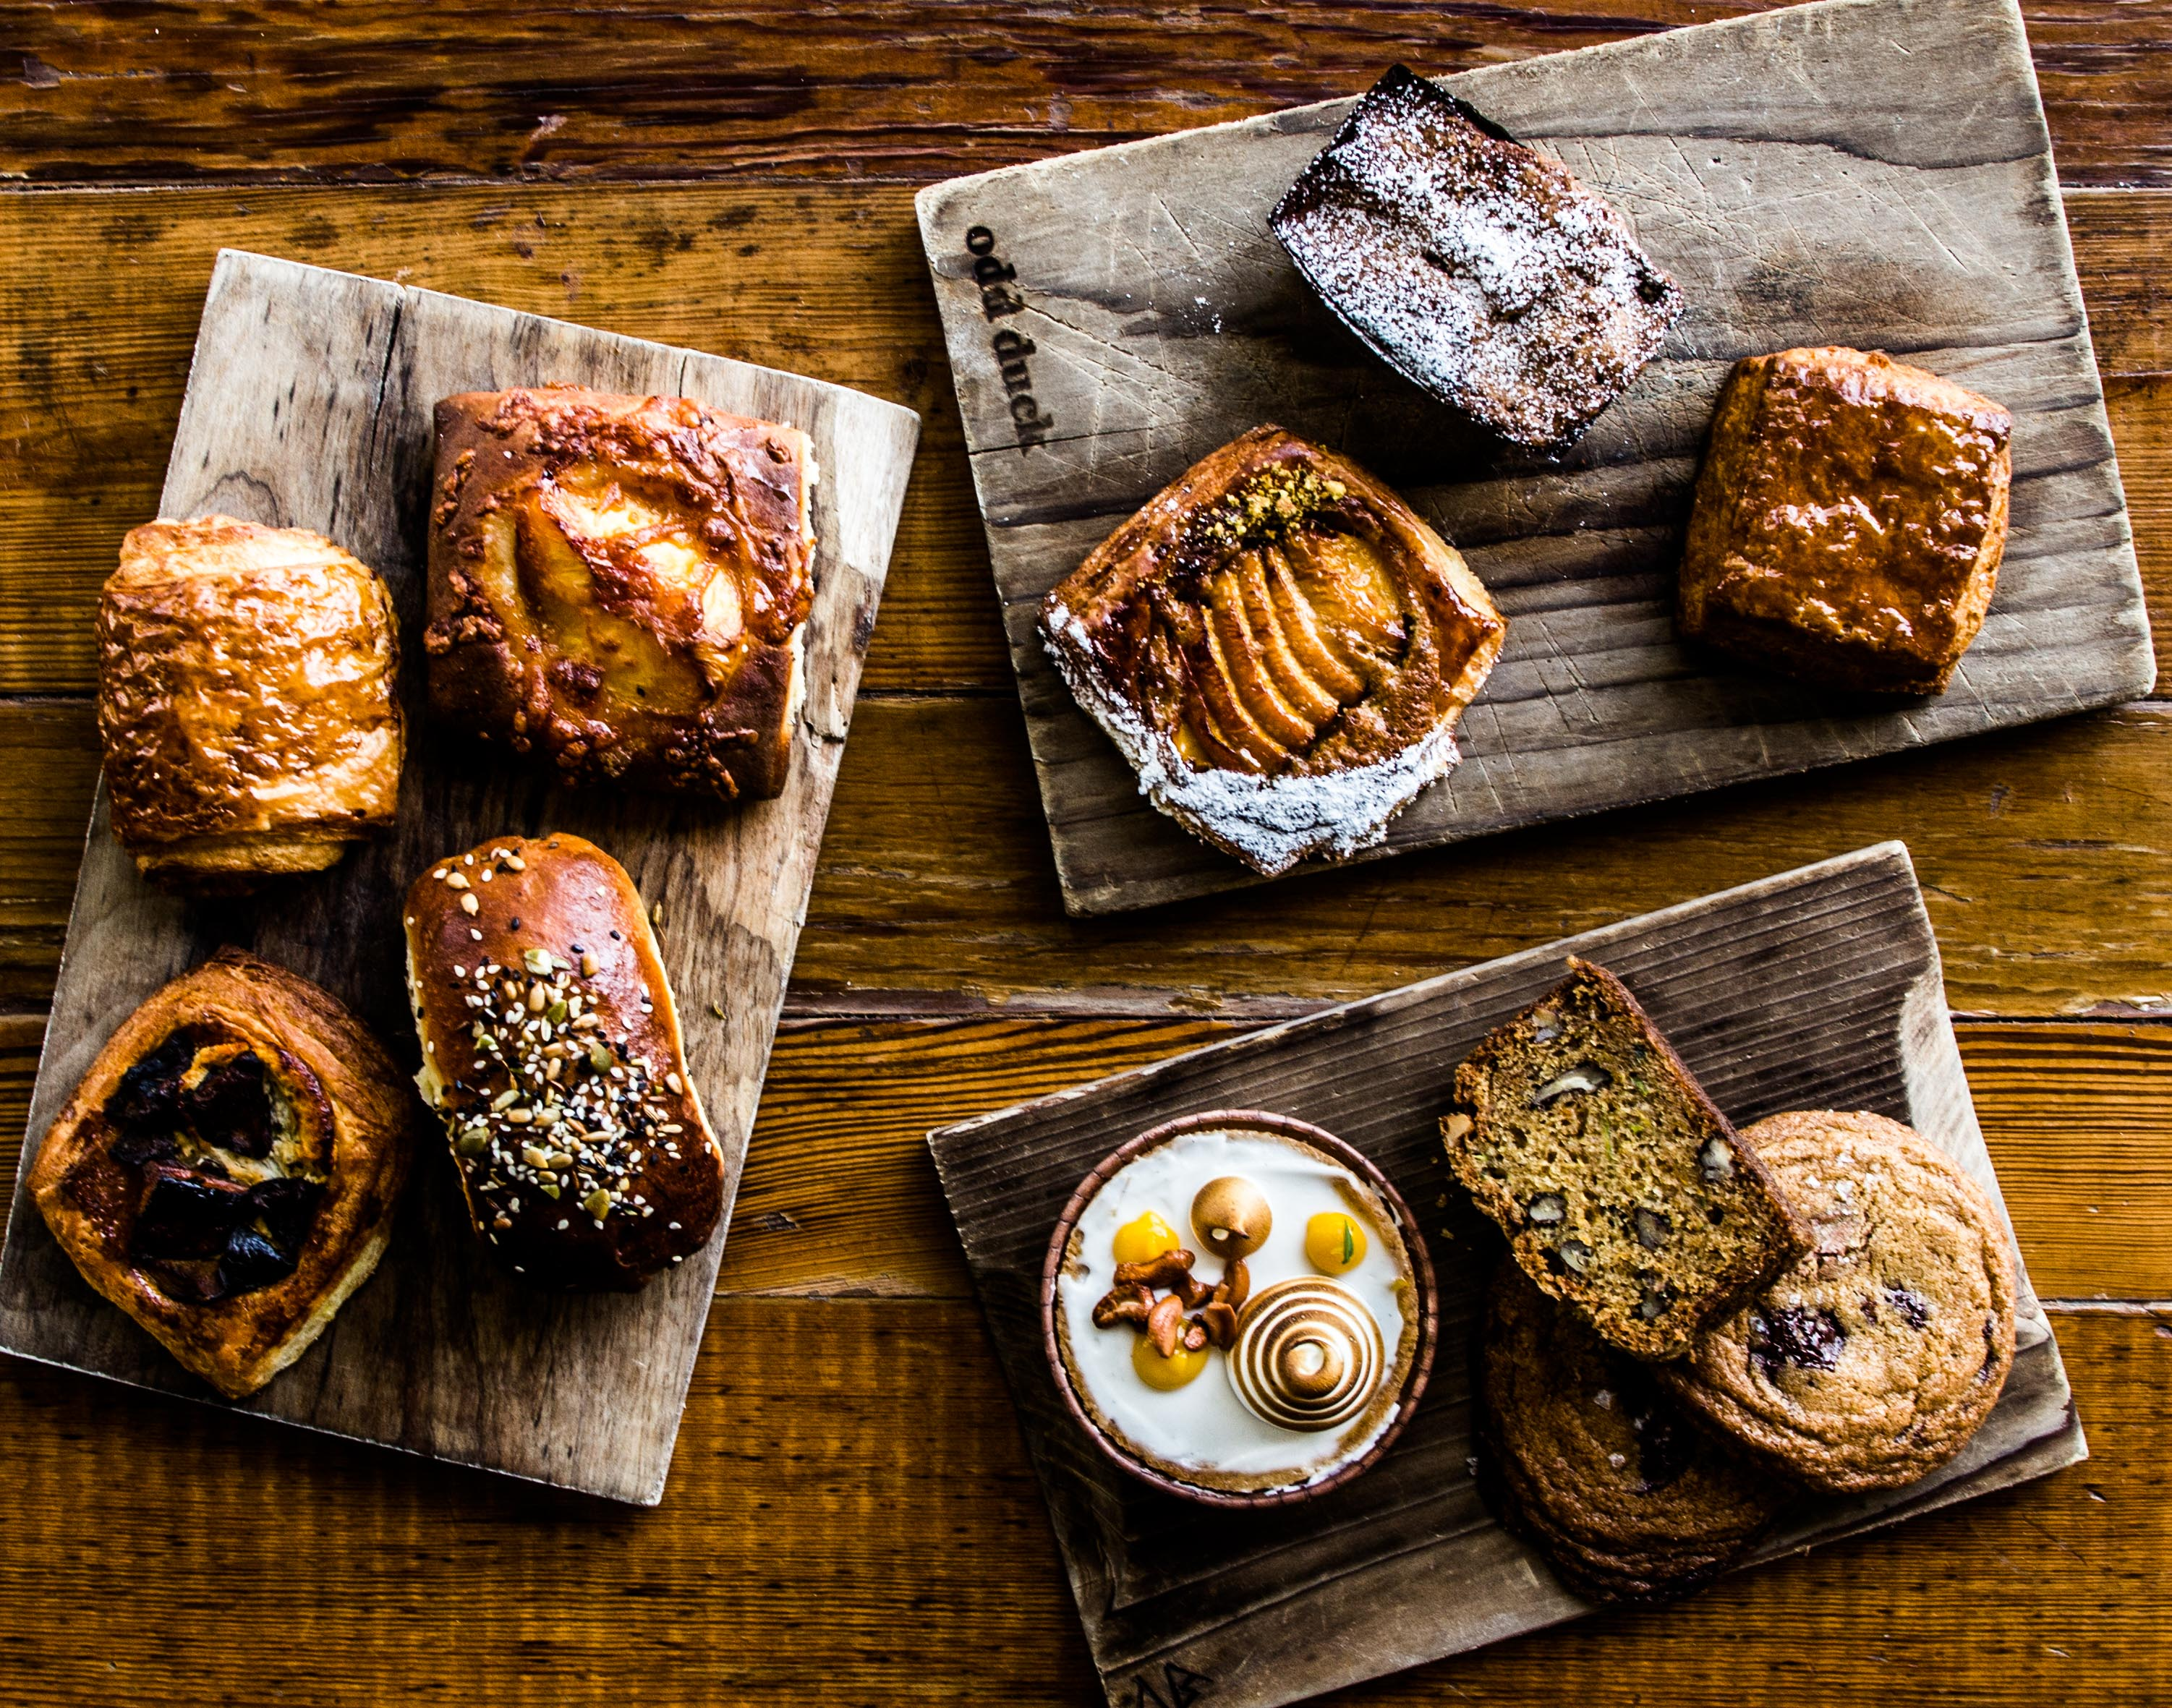 Sour Duck's pastries